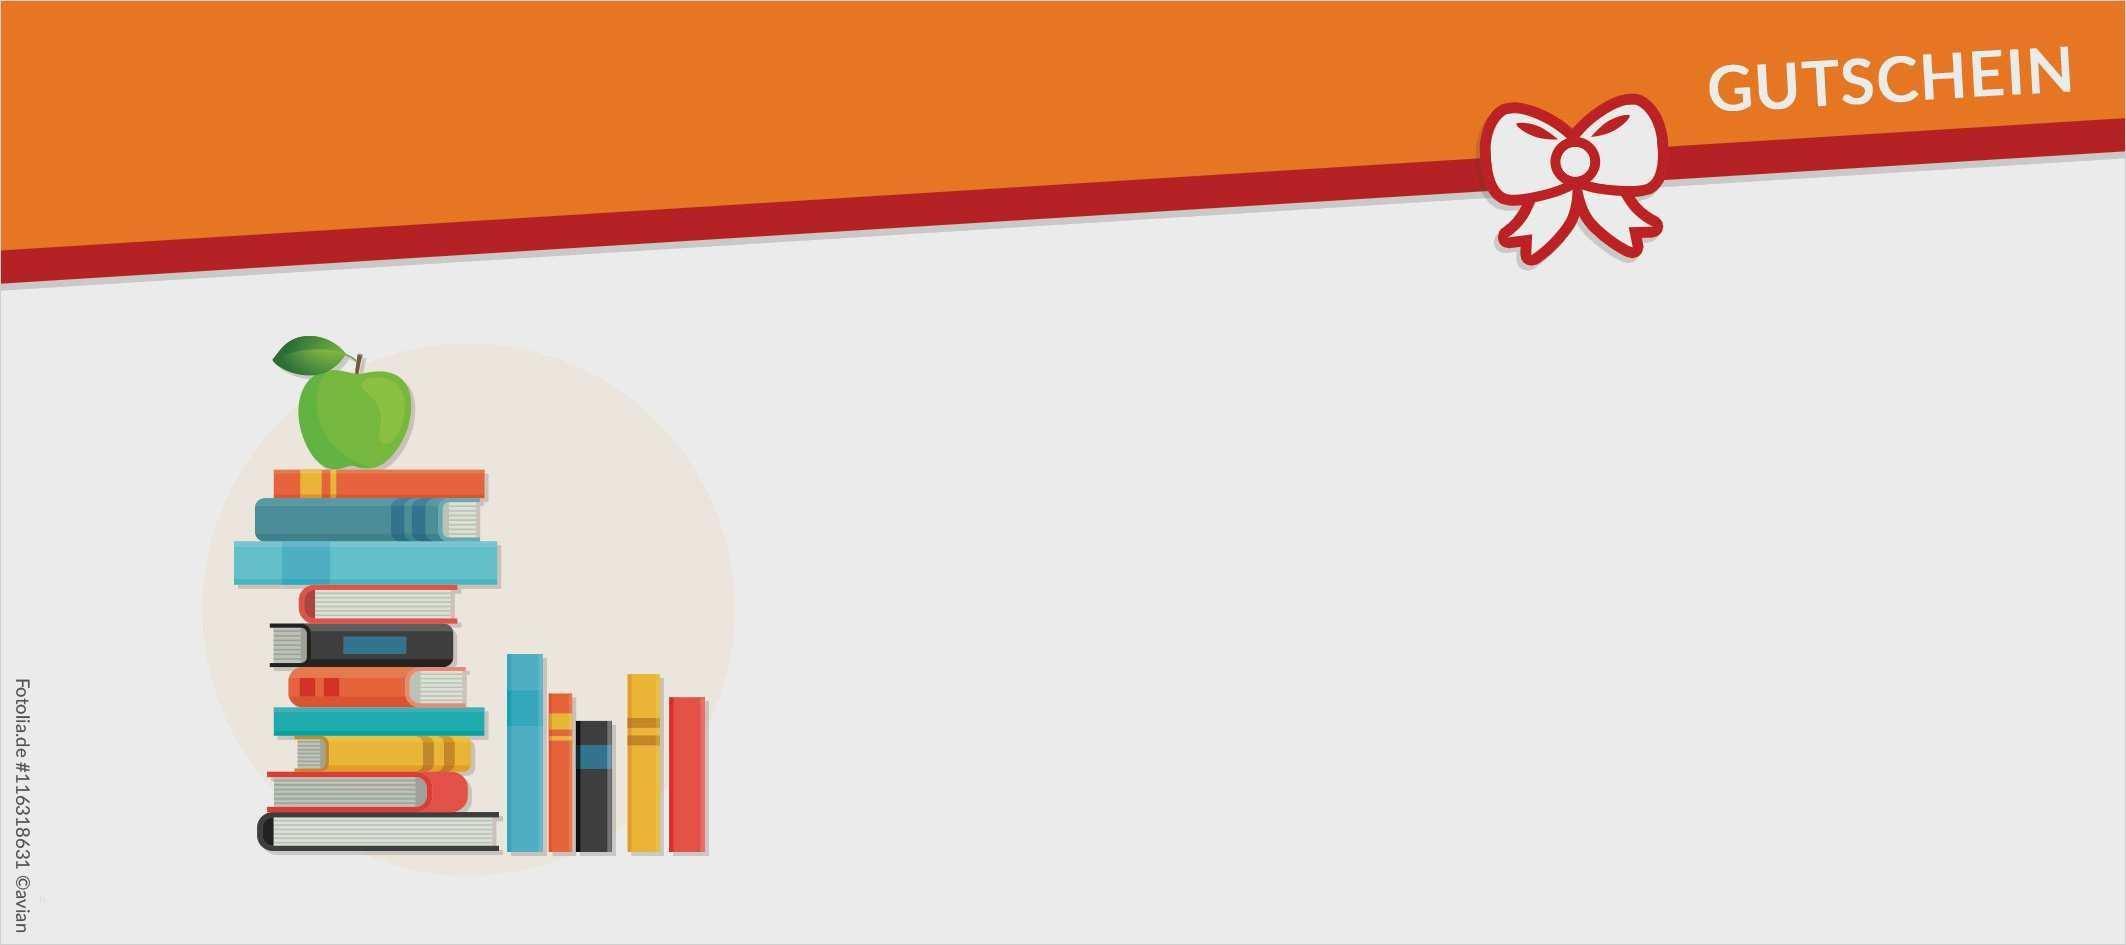 35 Beste Gutschein Vorlage A4 Solche Konnen Adaptieren In Ms Word Gutscheine Gutschein Vorlage Vorlagen